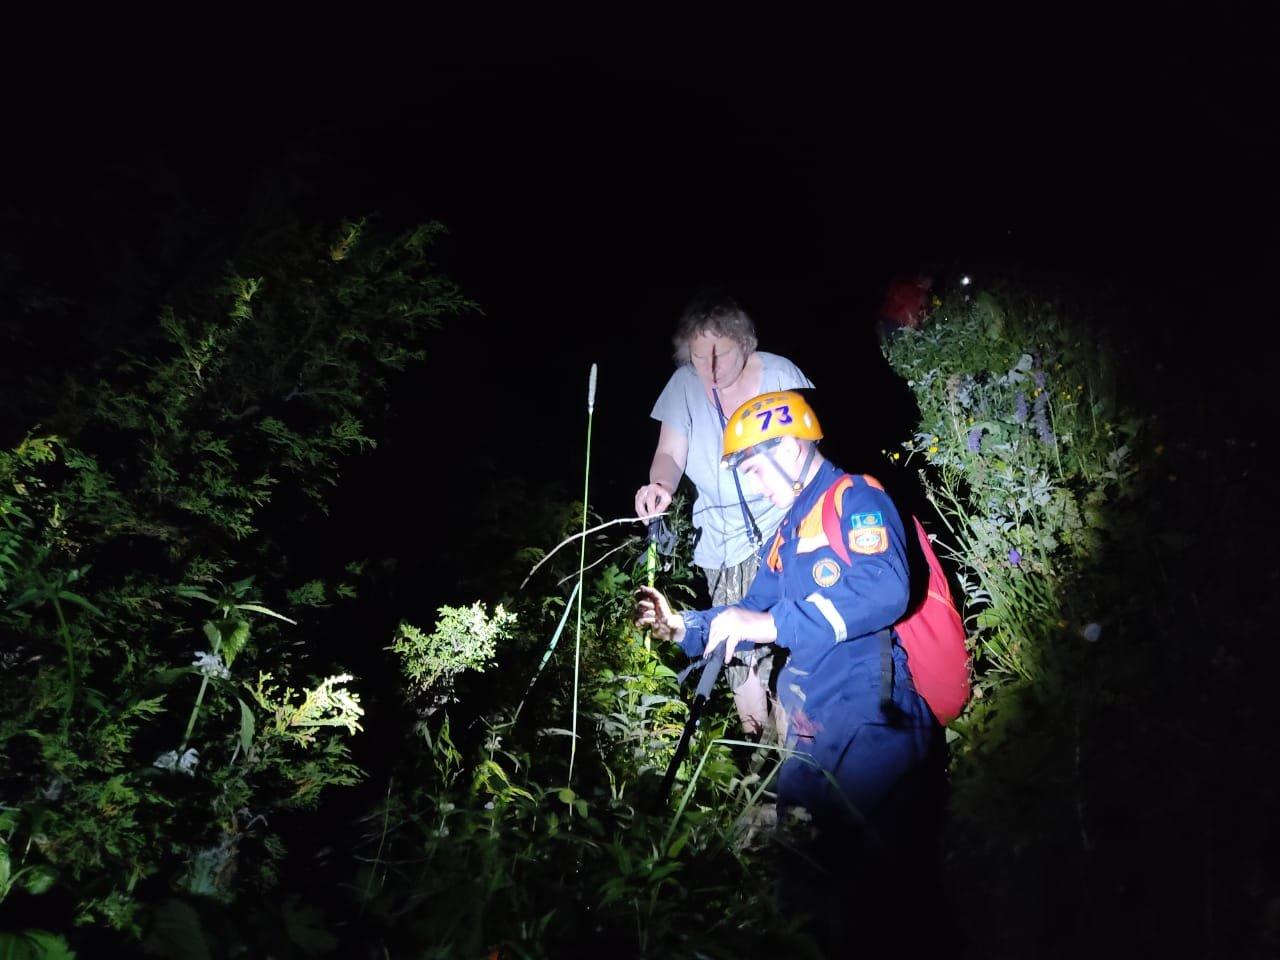 Четверых заблудившихся туристов спасли в горах Алматы, фото-1, РОСО МЧС РК